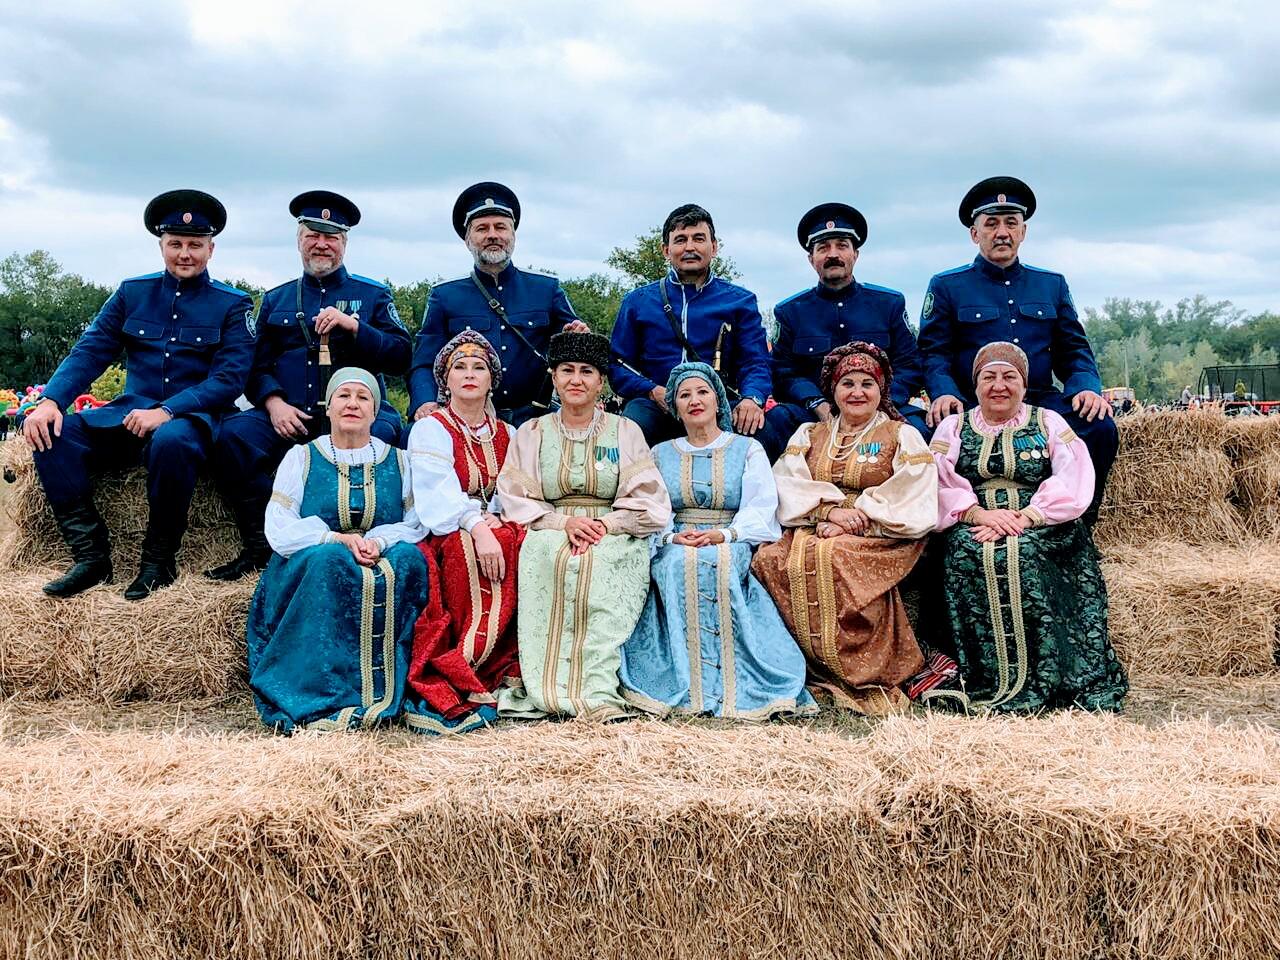 коллектив казачьей песни самара фото нашей публикации можно